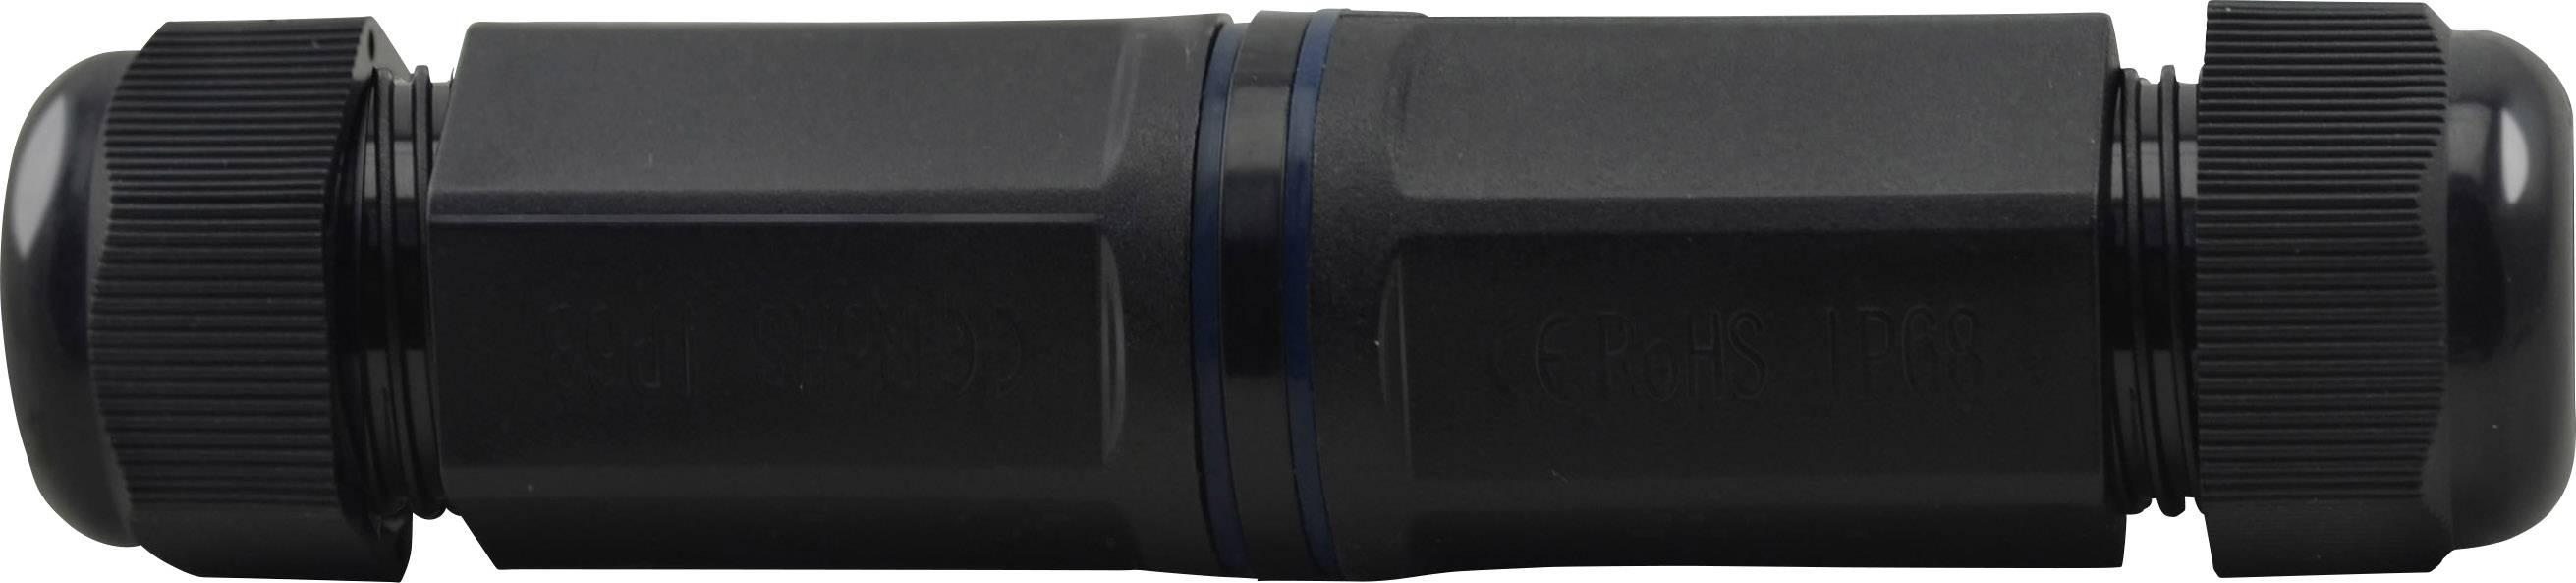 RJ45 síťový adaptér Renkforce RF-3312690 CAT 6, [1x RJ45 zásuvka - 1x RJ45 zásuvka], černá